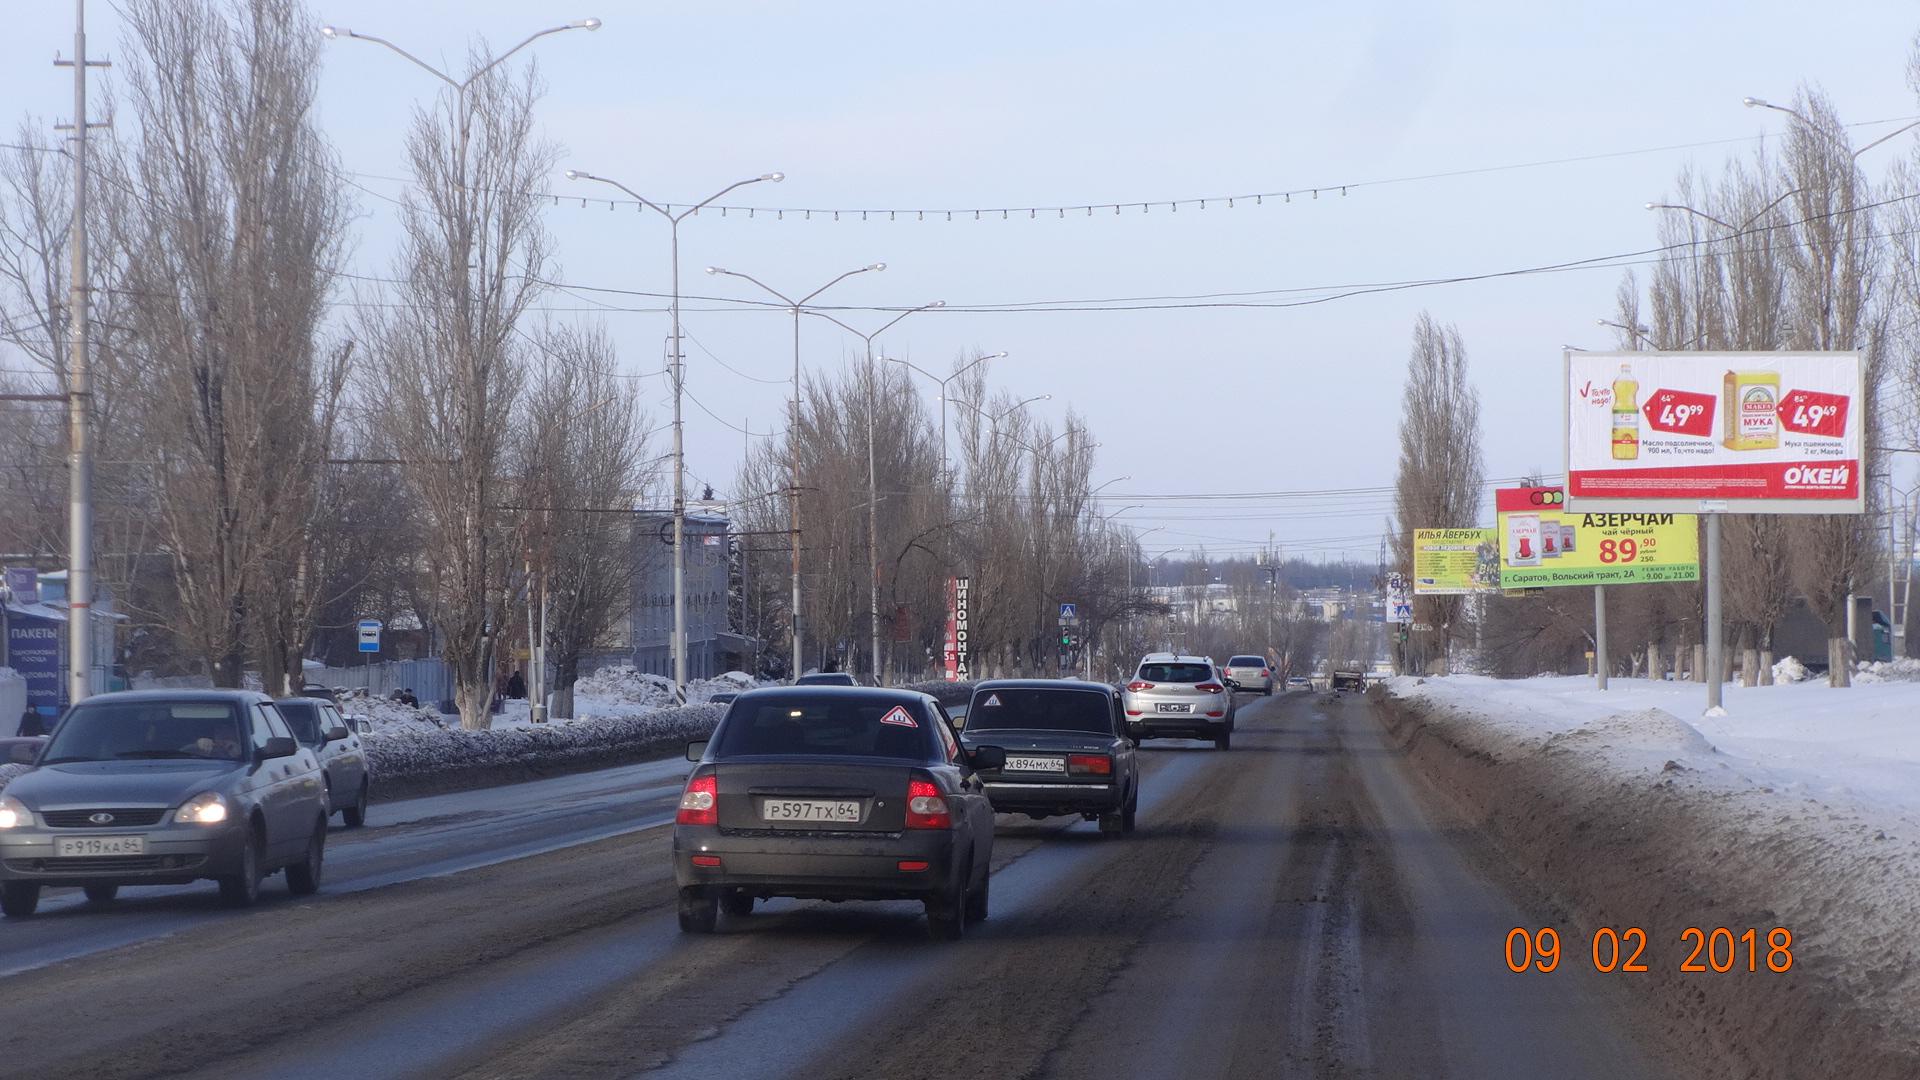 пр-т Строителей, 56 -  ул.Чемодурова (разделительная полоса)